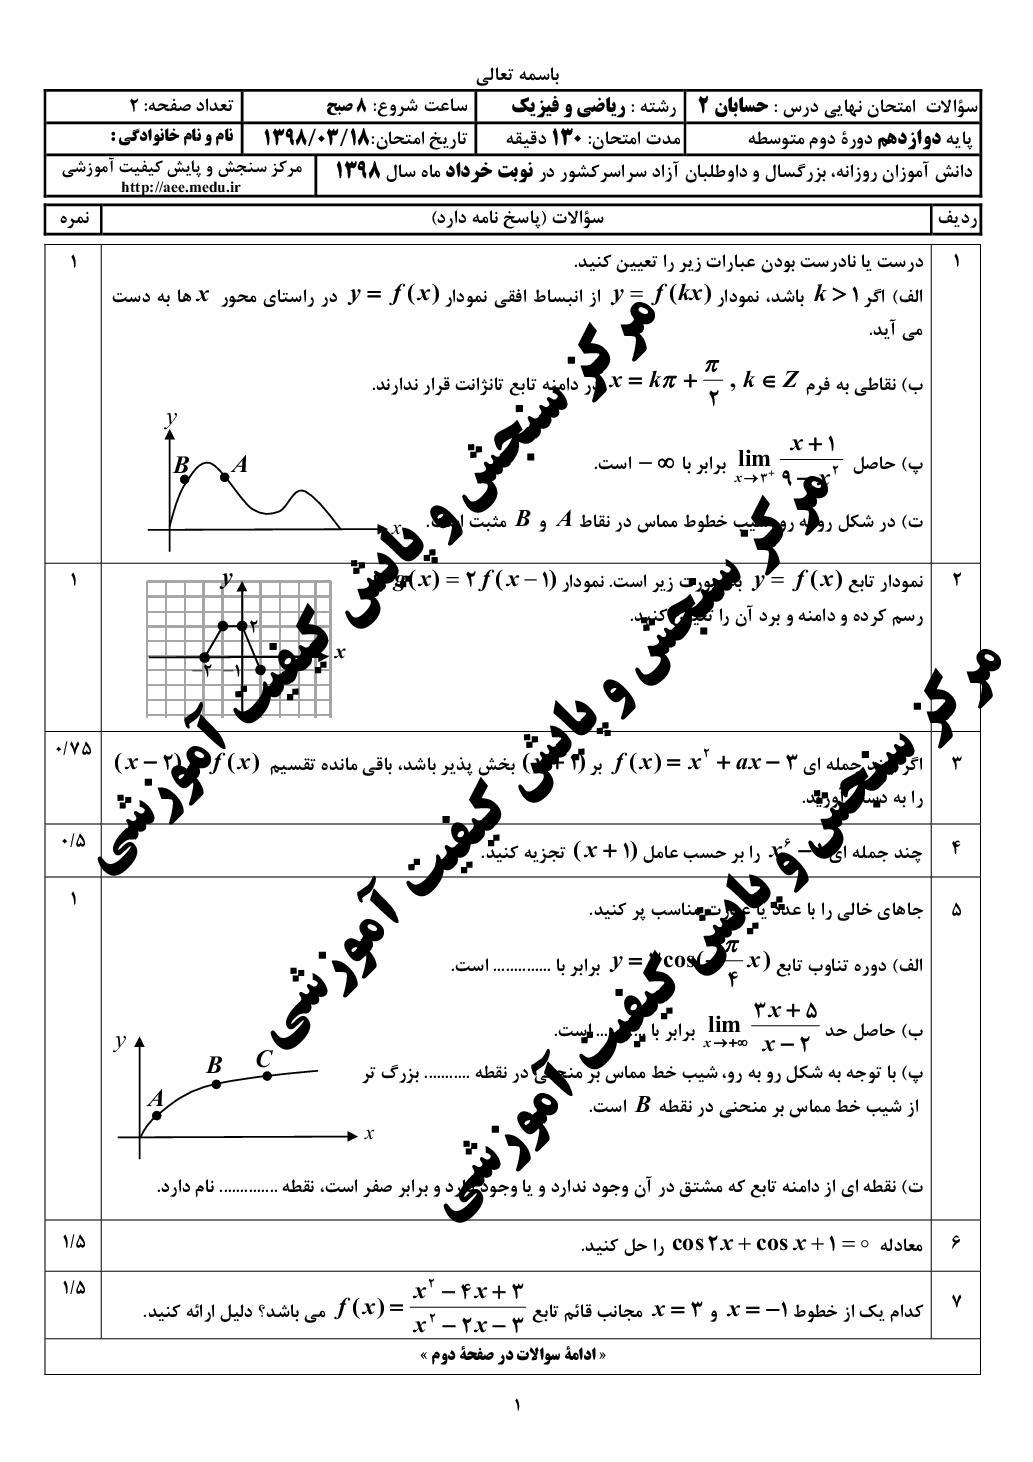 امتحان نهایی حسابان 2 - خرداد 98 (PDF)